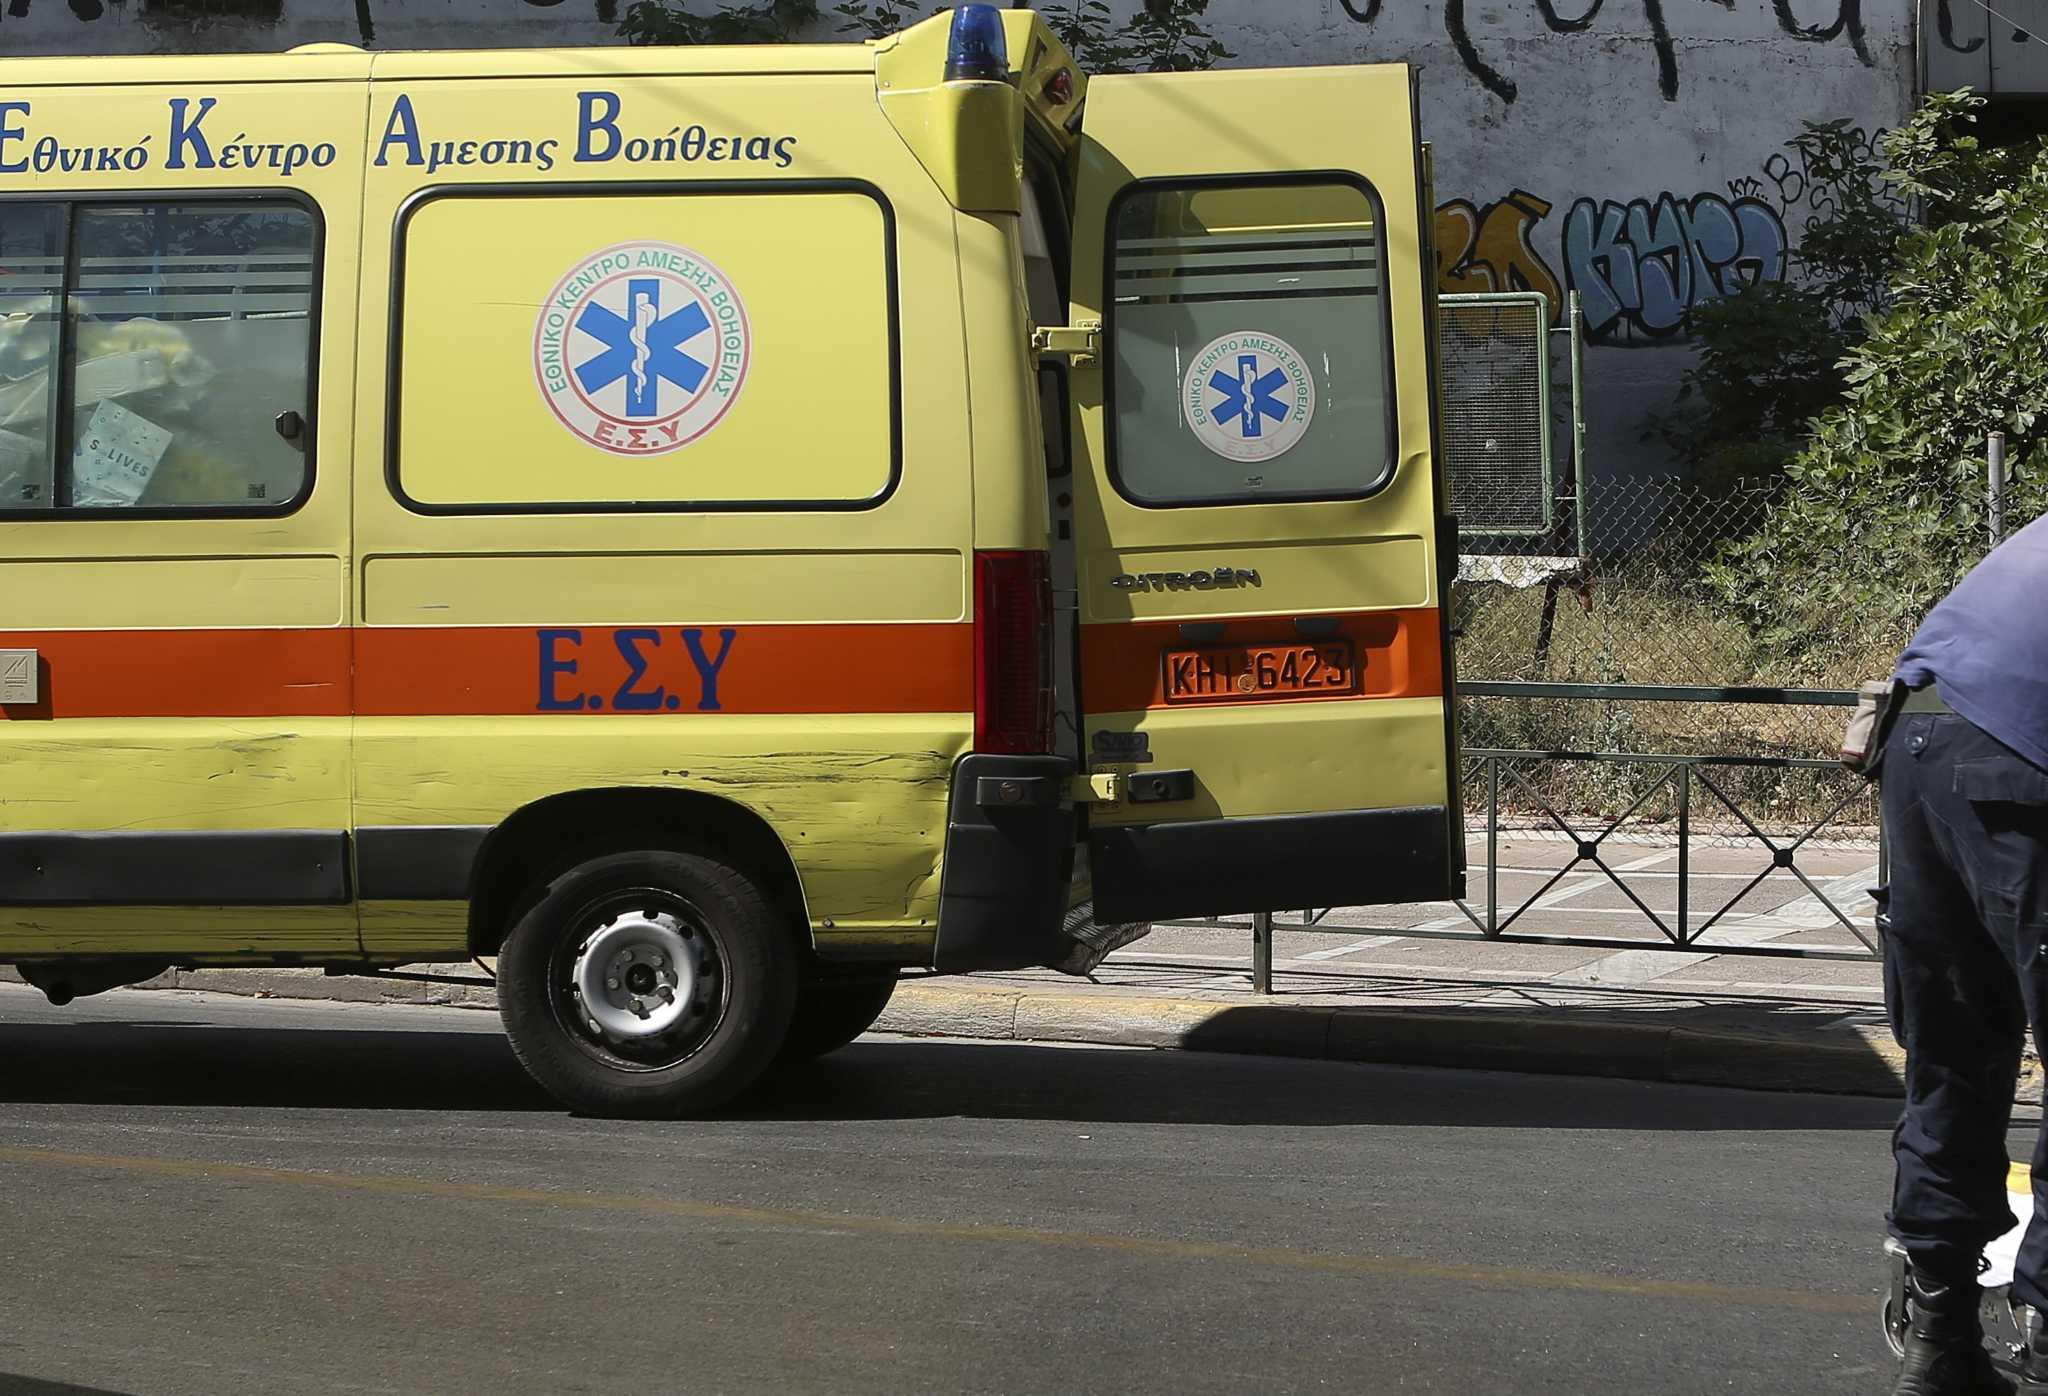 Πάτρα: Αυτοκίνητο παρέσυρε και τραυμάτισε γυναίκα – Αιμόφυρτη από το χτύπημα στο κεφάλι